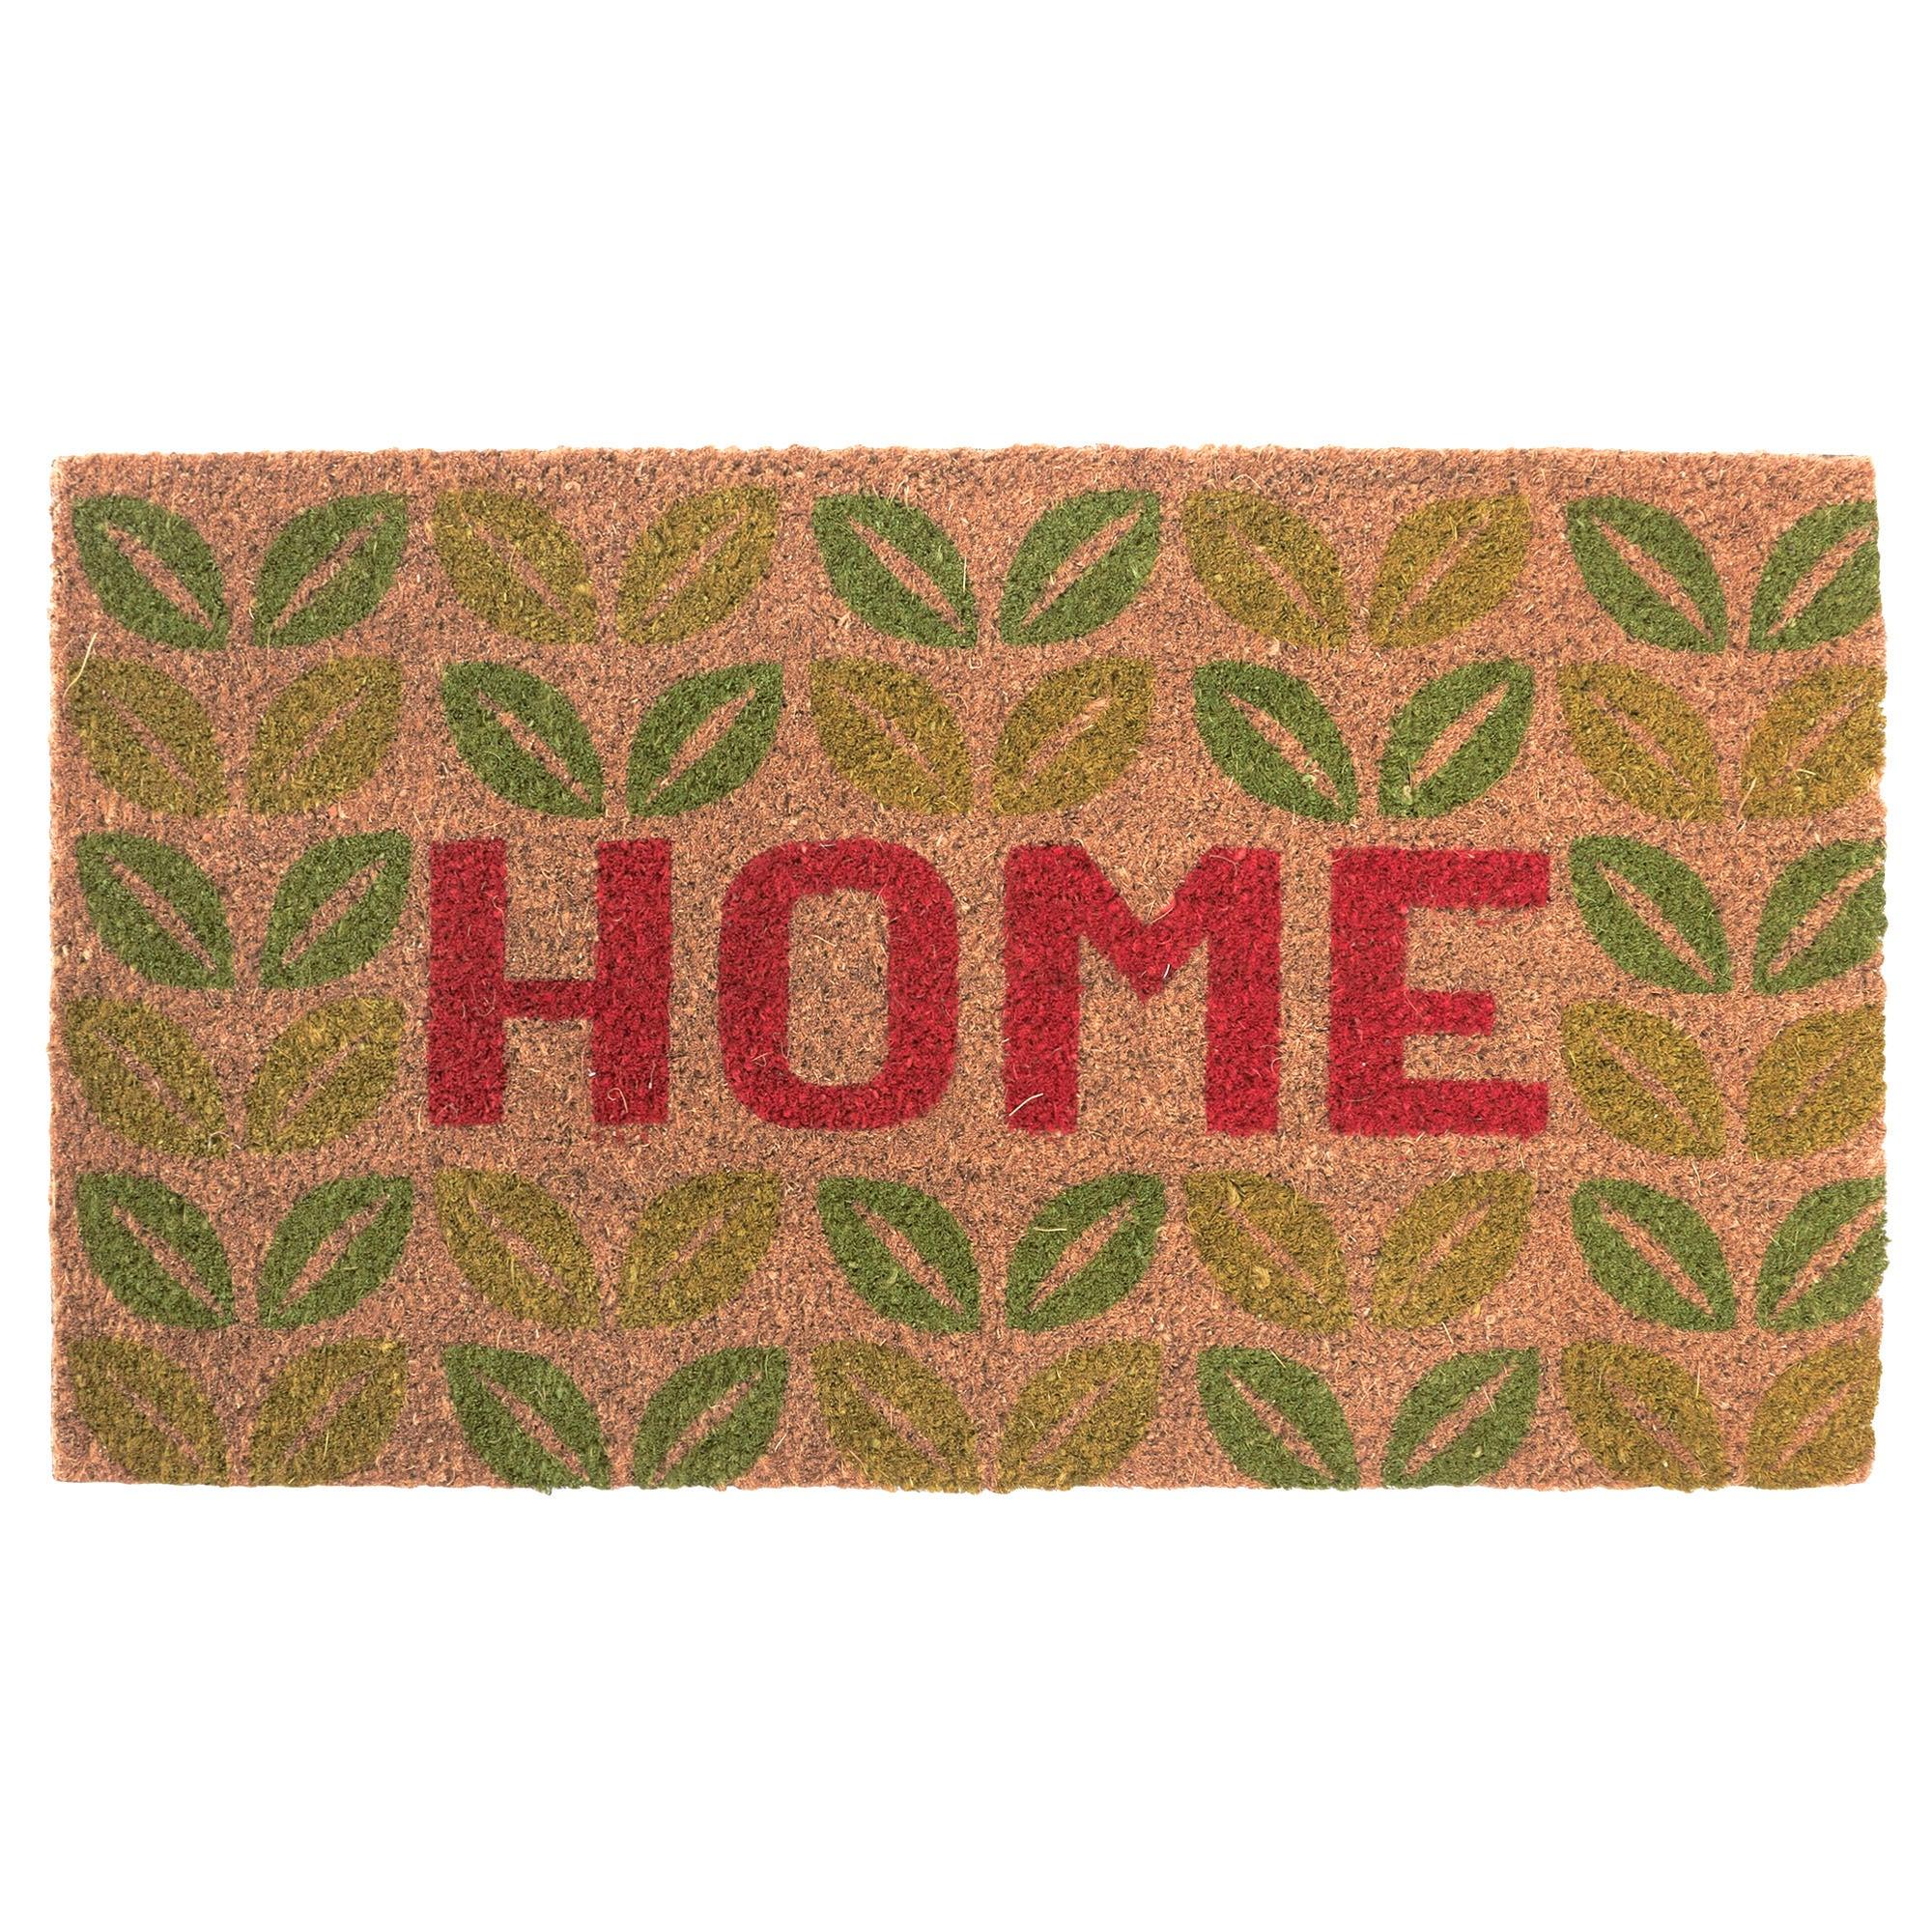 Home Leaves Coir Doormat